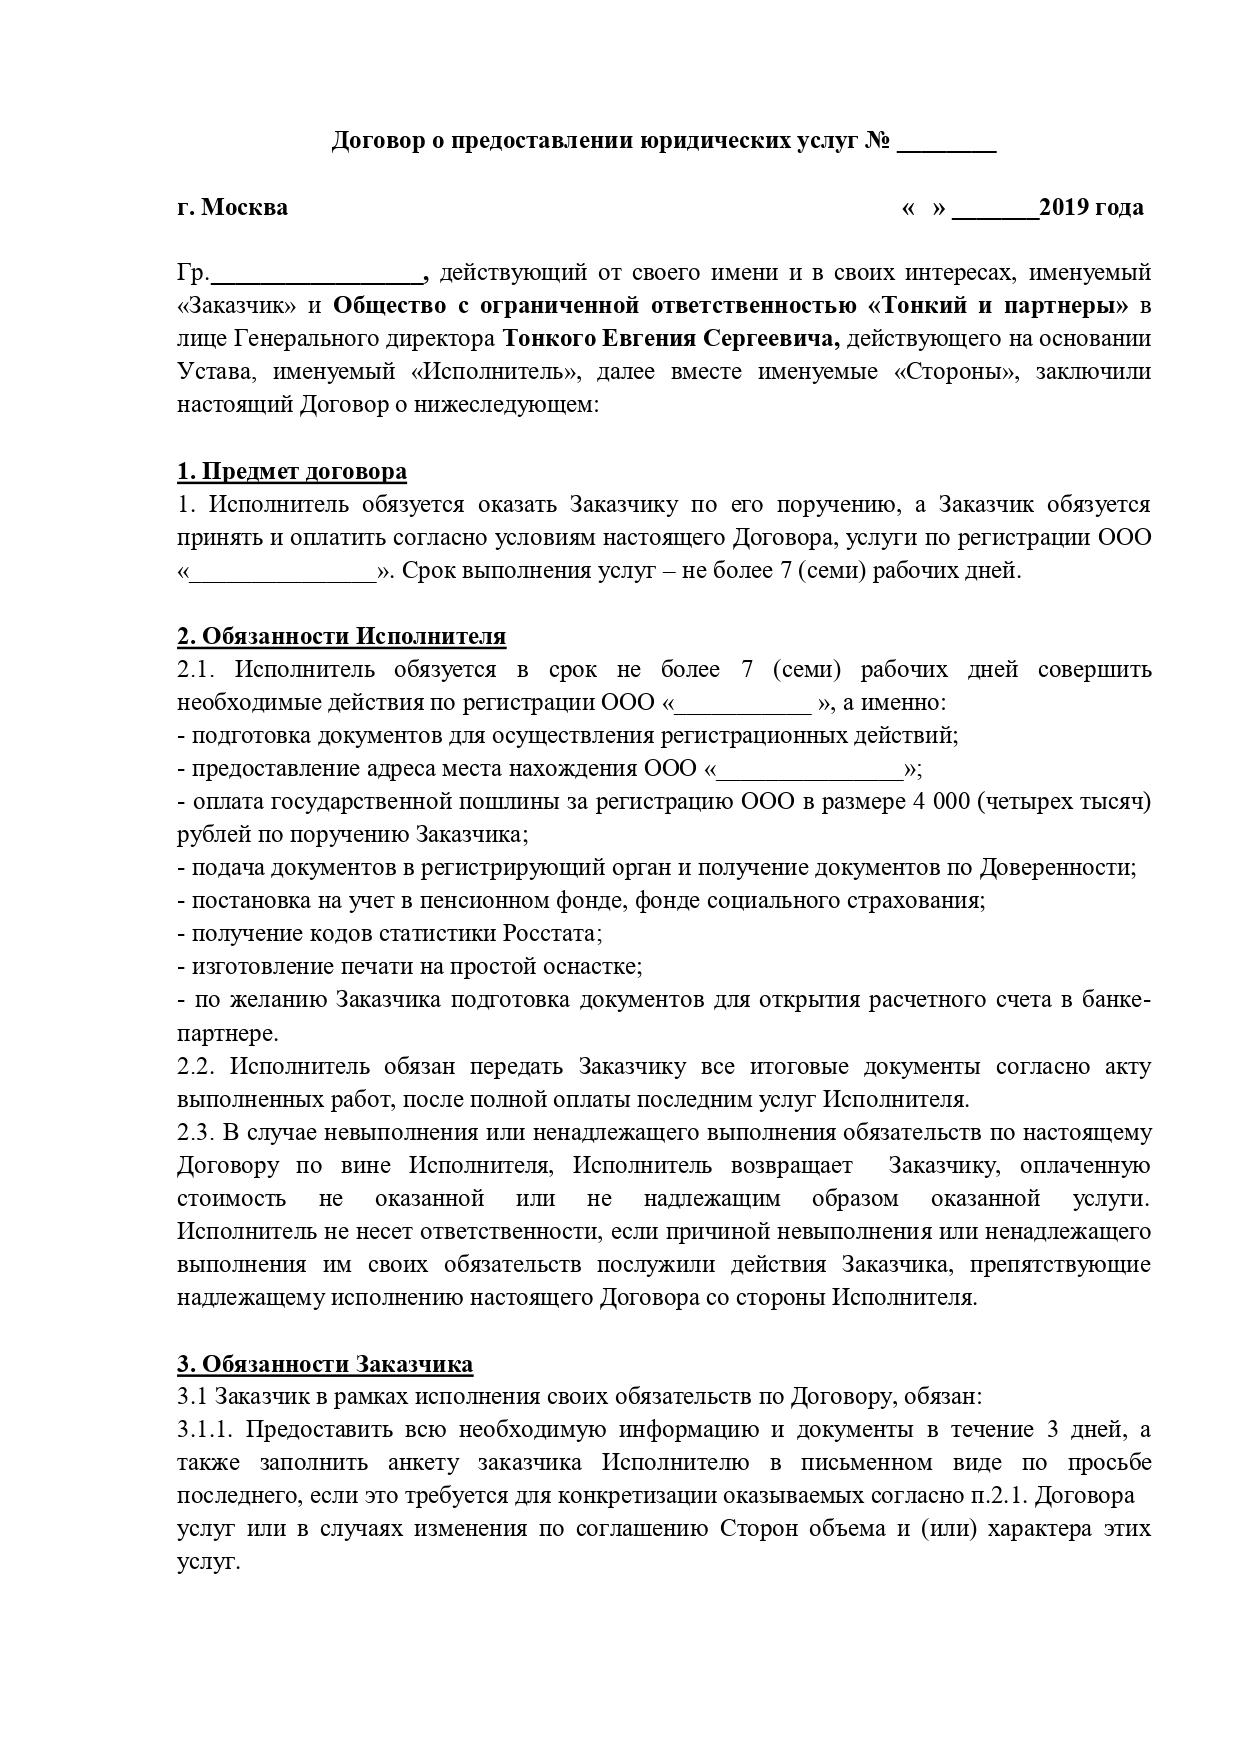 Регистрация структурного подразделения в ооо регистрация ооо зао ип